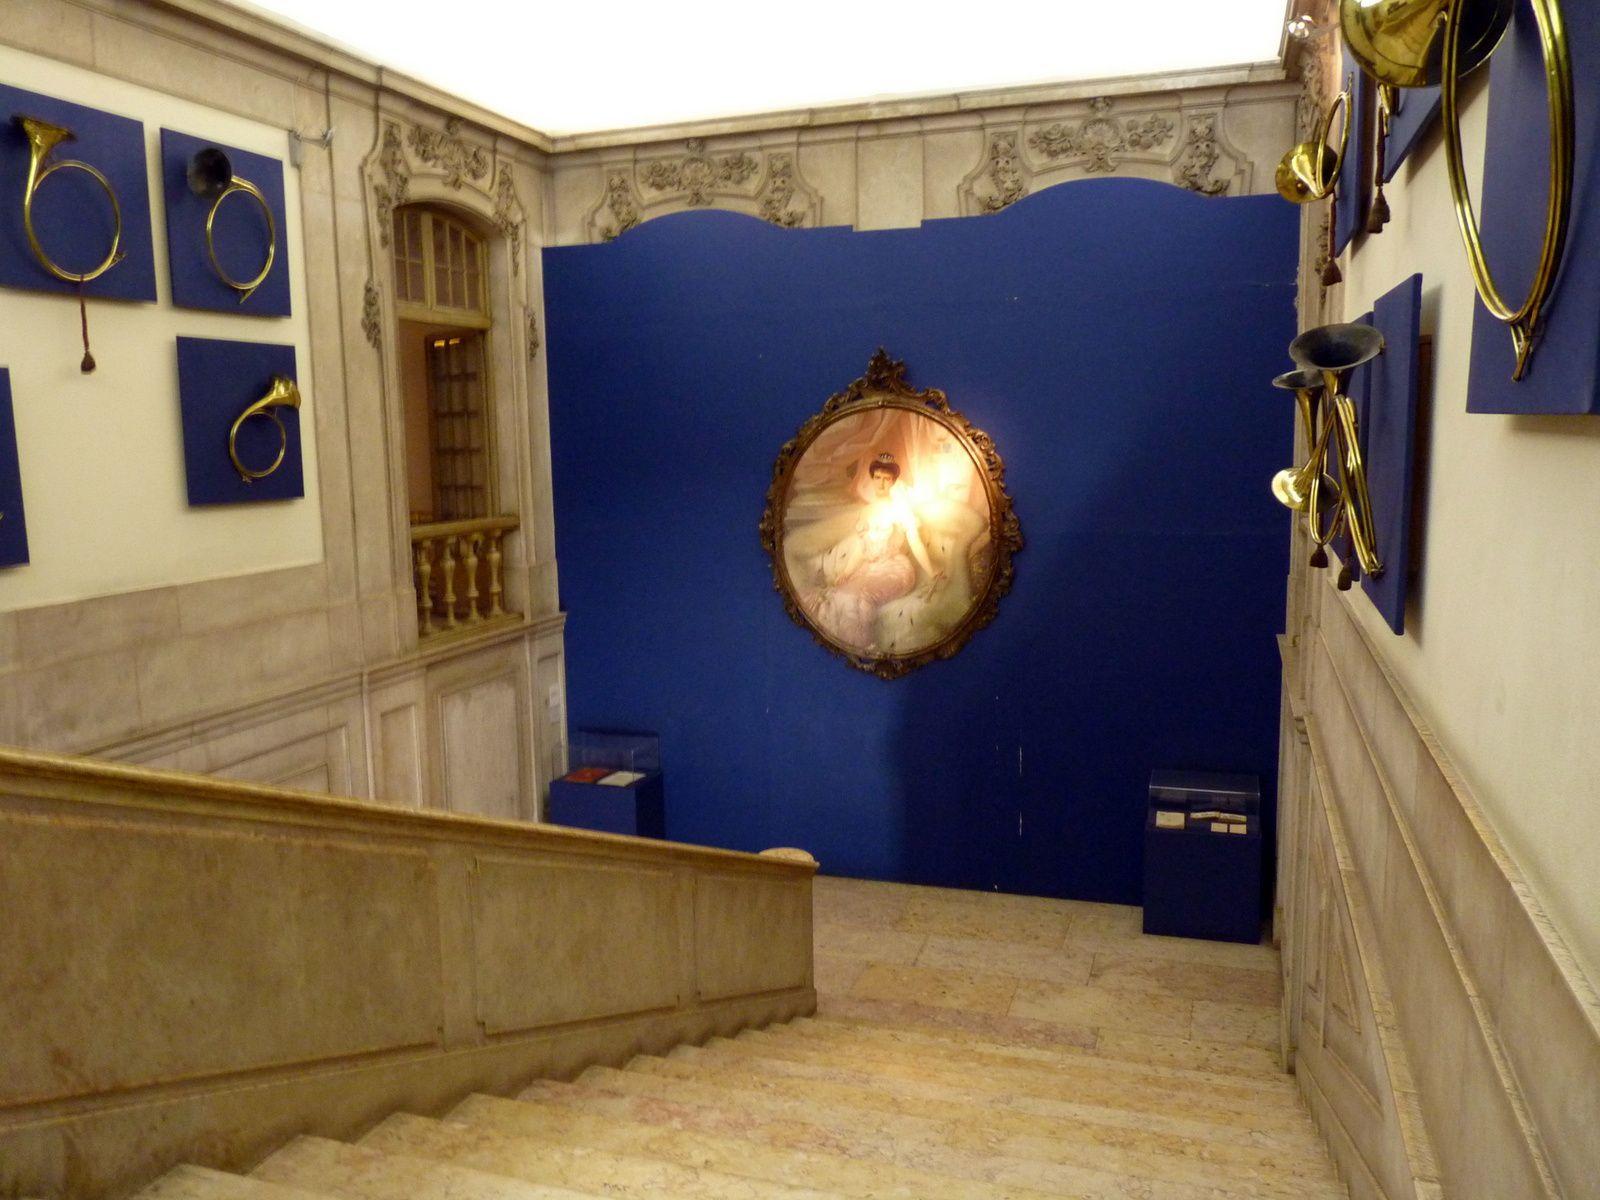 Vu d'ensemble du manège et escalier d'honneur.